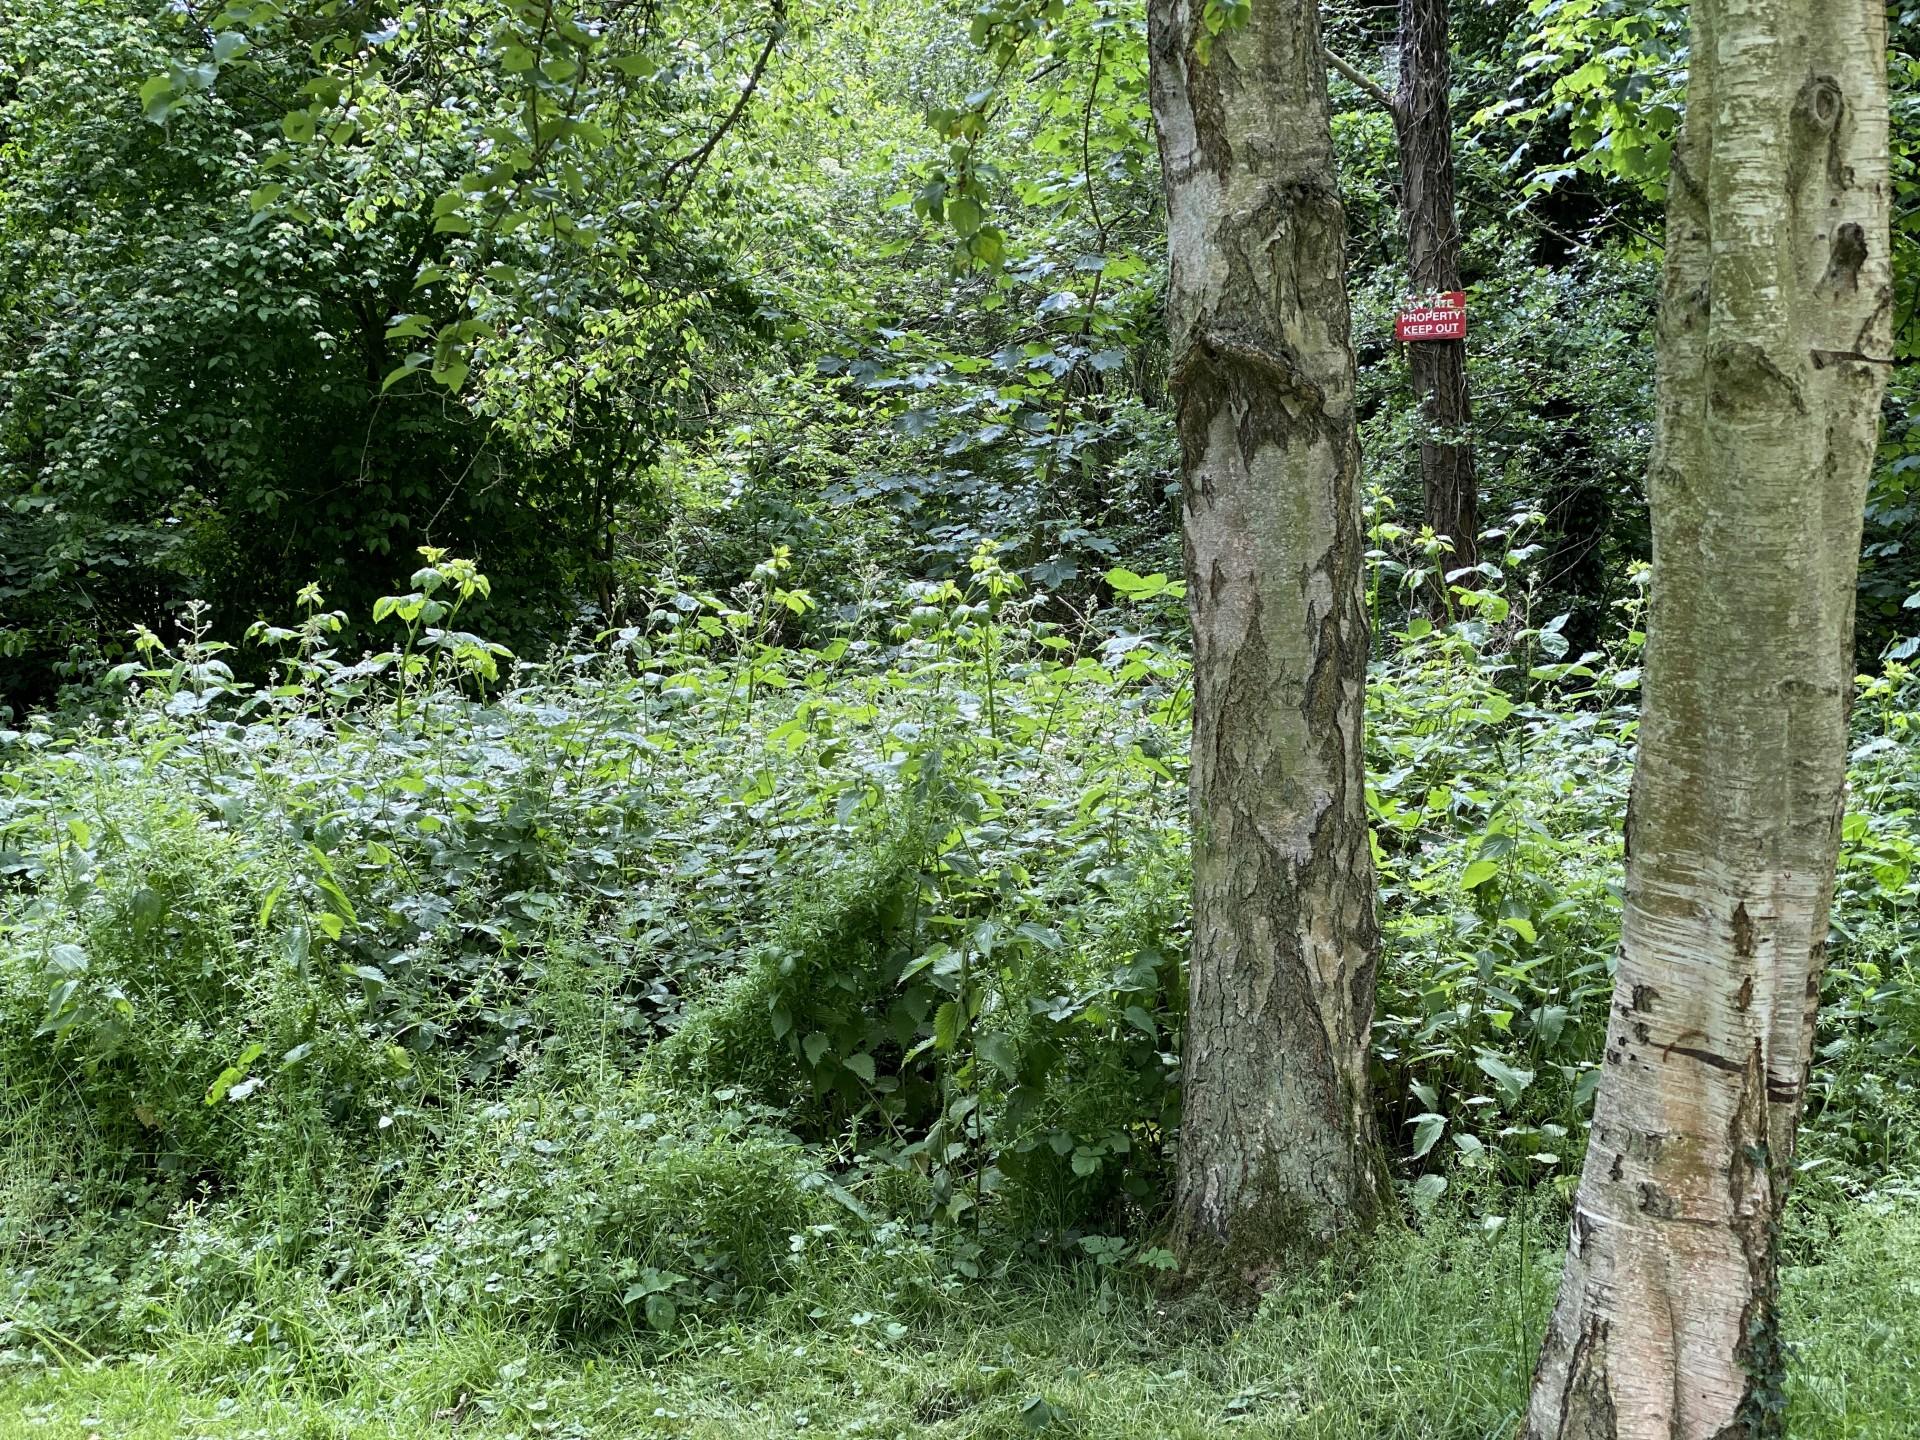 Plenty of nettles below deciduous trees.